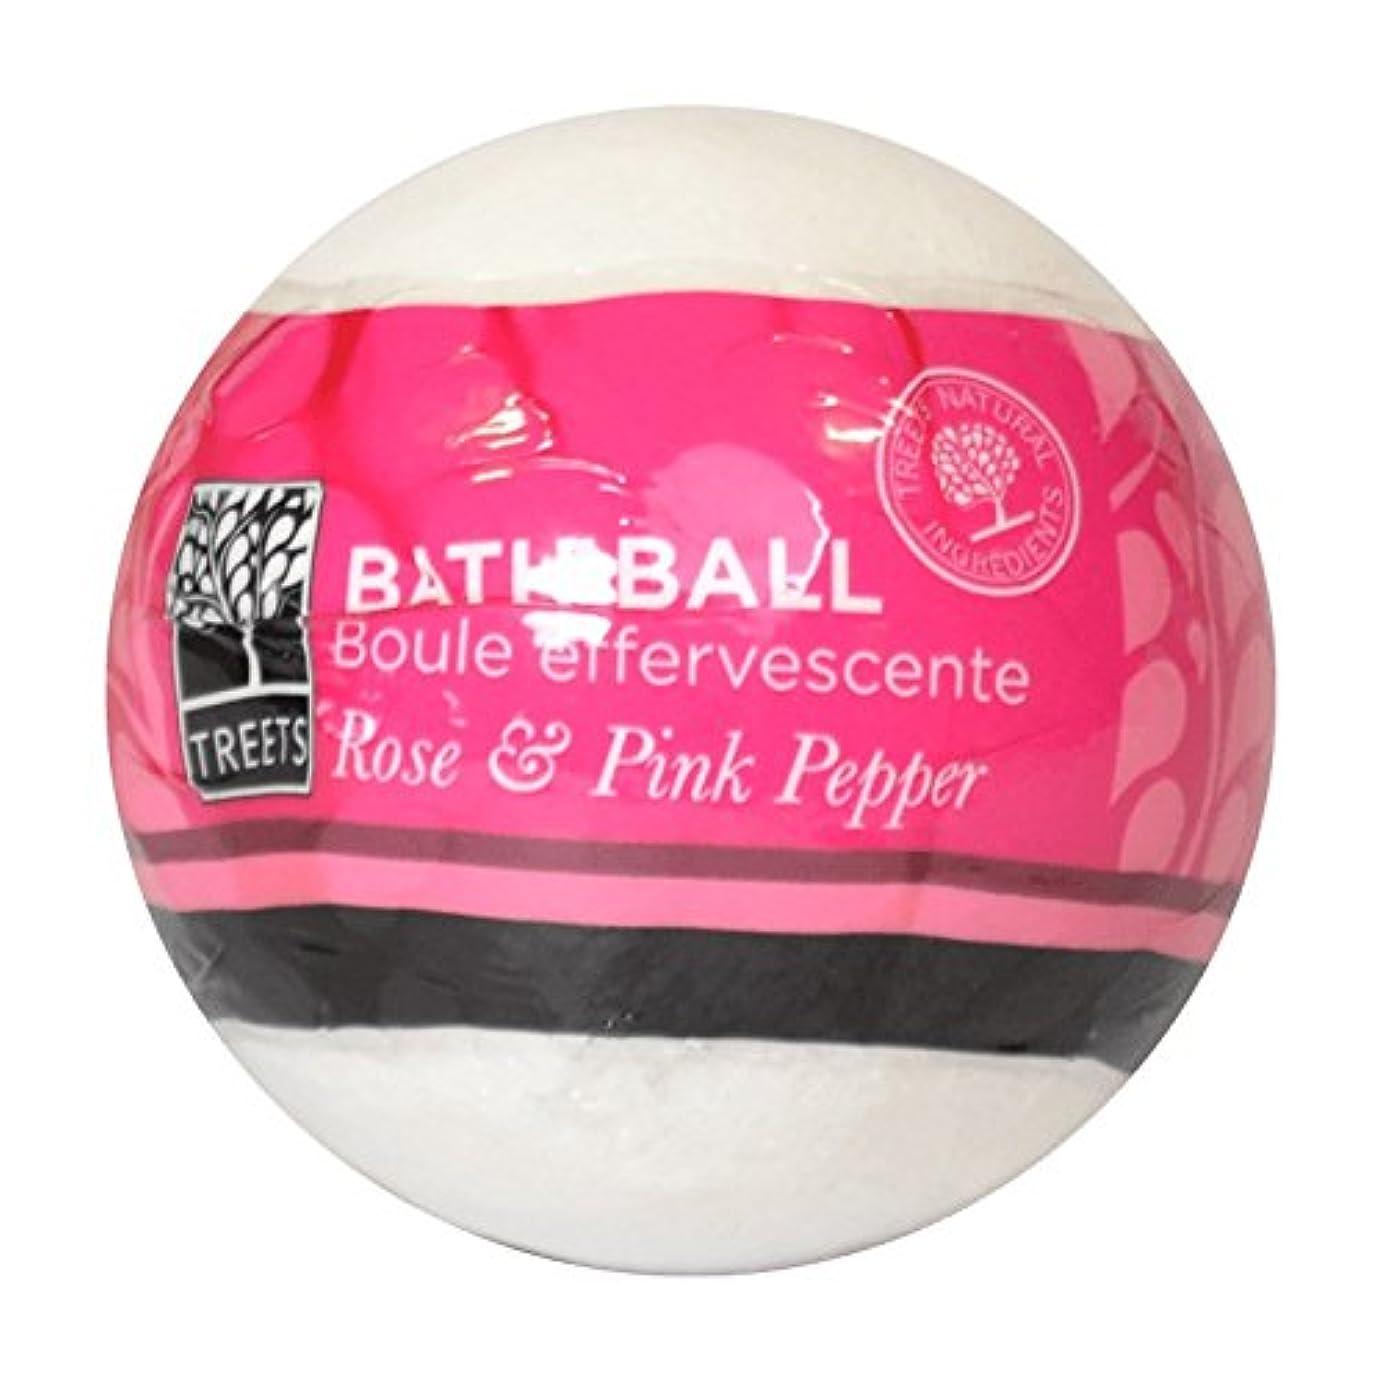 無駄なそれに応じてスラックTreets Rose & Pink Pepper Bath Ball 180g (Pack of 6) - Treetsローズ&ピンクペッパーバスボール180グラム (x6) [並行輸入品]